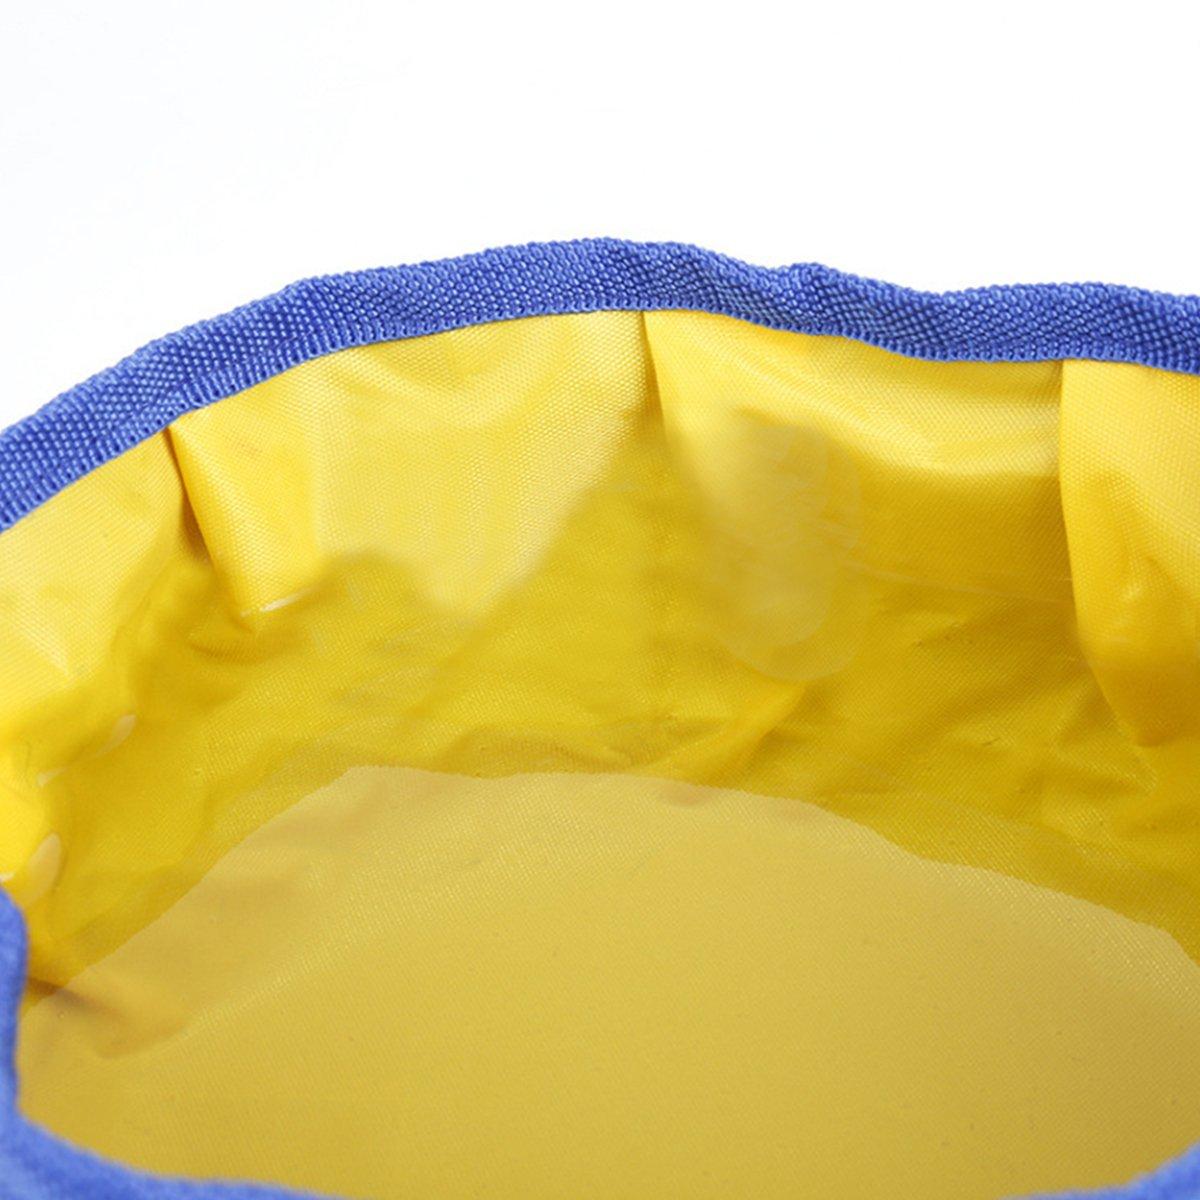 Fypo Faltbare Hundenapf, Fressnapf Wassernapf Katzennapf für Reisen Zusammenklappbar Haustier Blau/Gelb